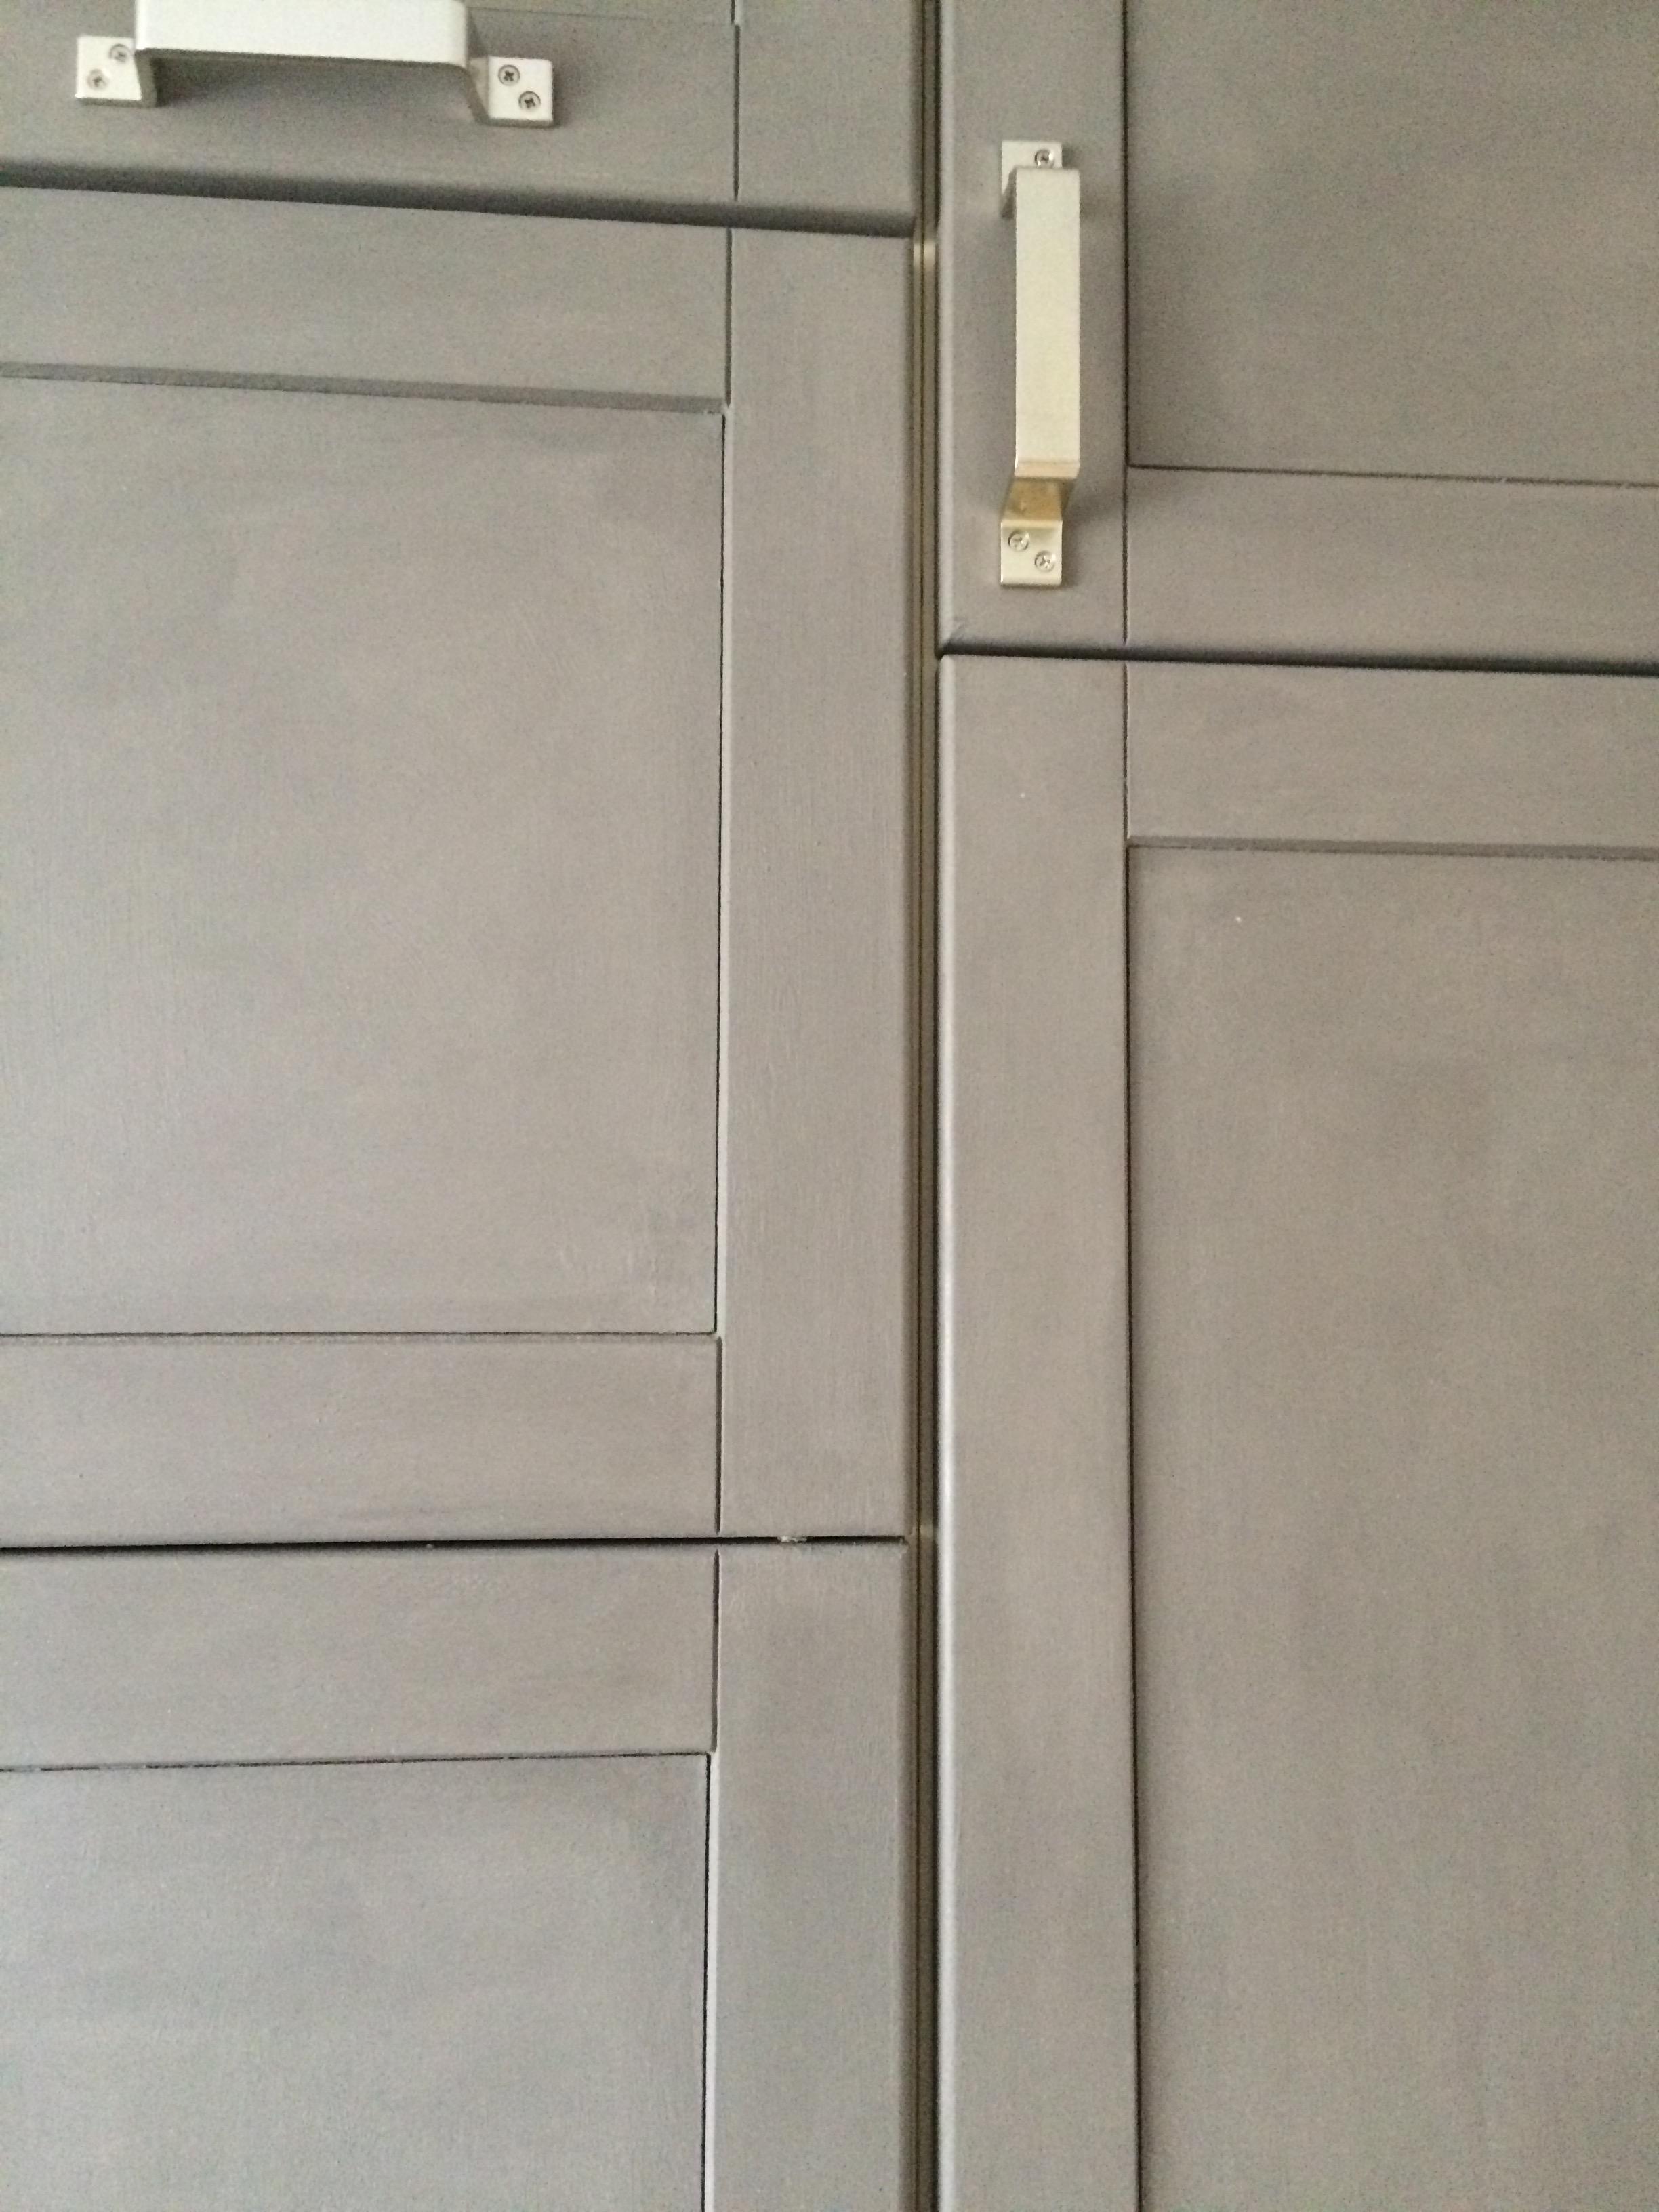 Keukenkastjes Verven Fineer.Low Budget Sort Off Keuken Renovatie Deel 1 Kastjes Schilderen